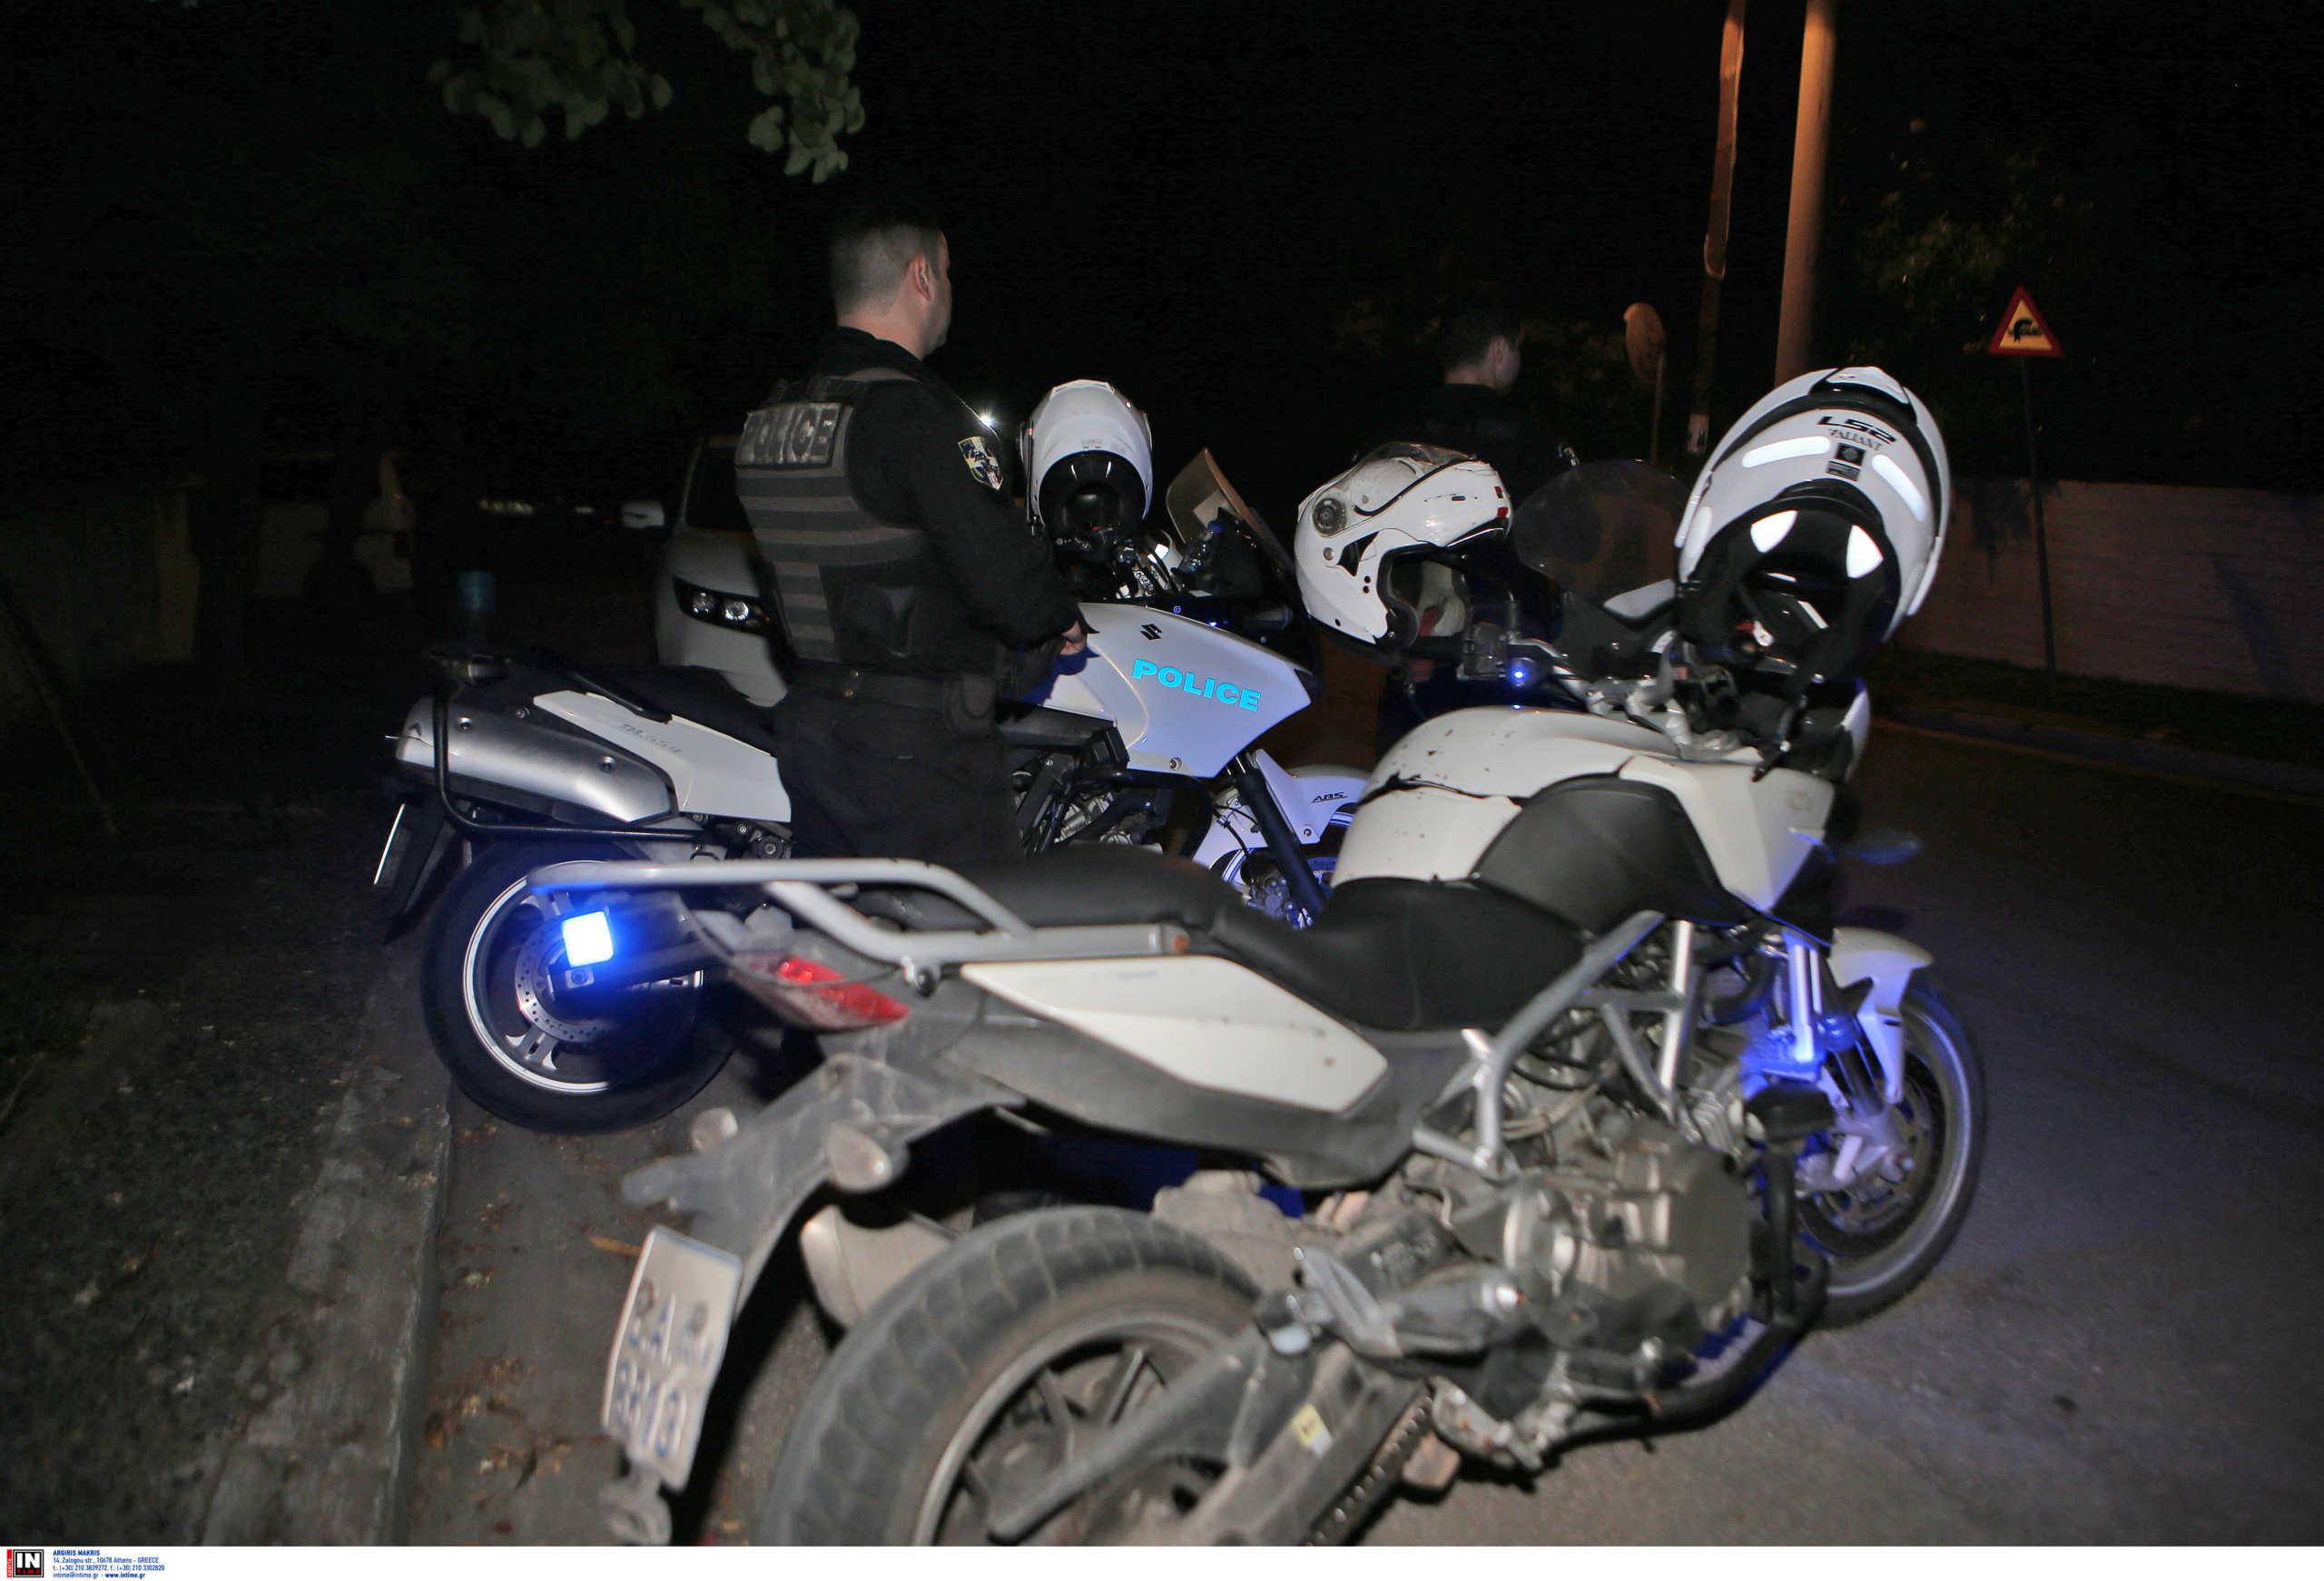 Ένταση στον Παναθηναϊκό: Επίθεση οπαδών στο σπίτι του Γιαννακόπουλου – Αστυνομία στα γραφεία της ΚΑΕ